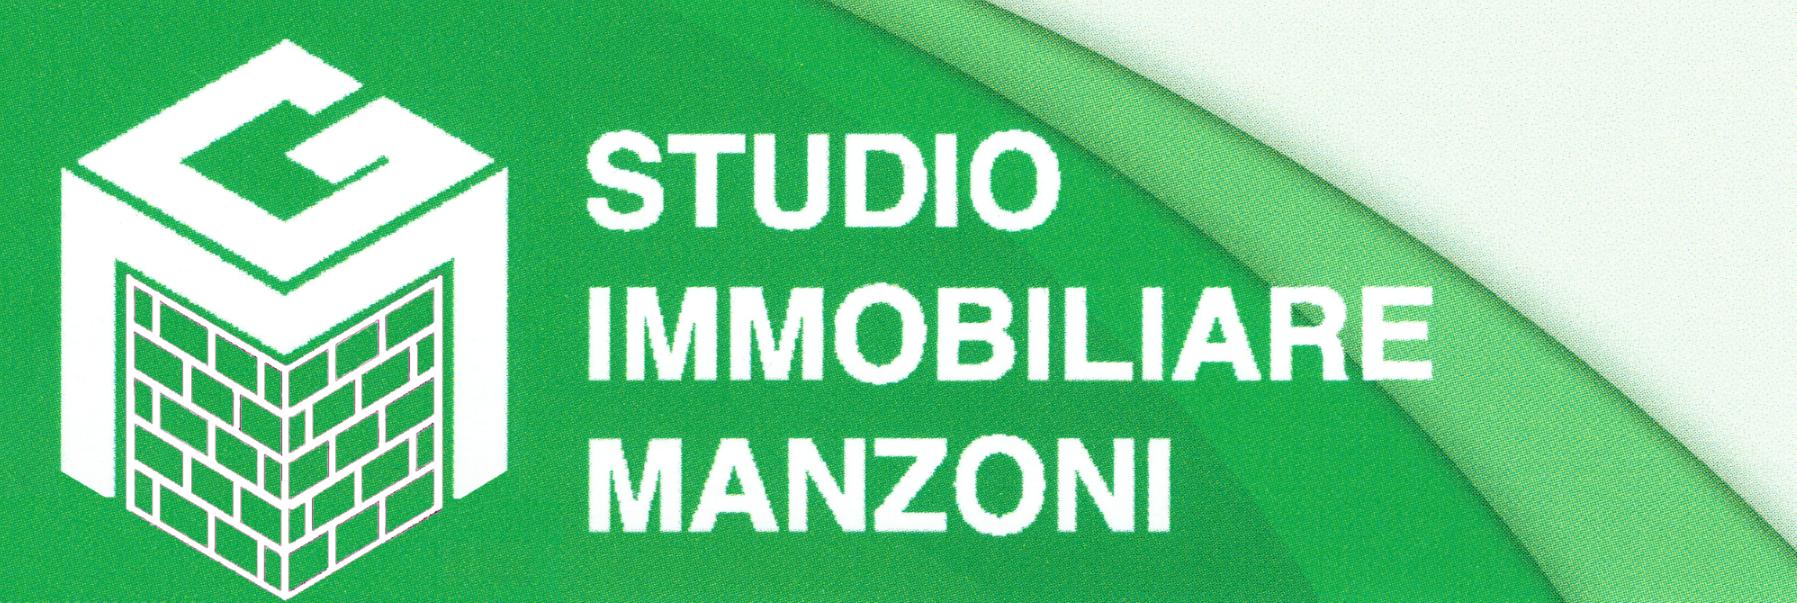 STUDIO IMMOBILIARE MANZONI